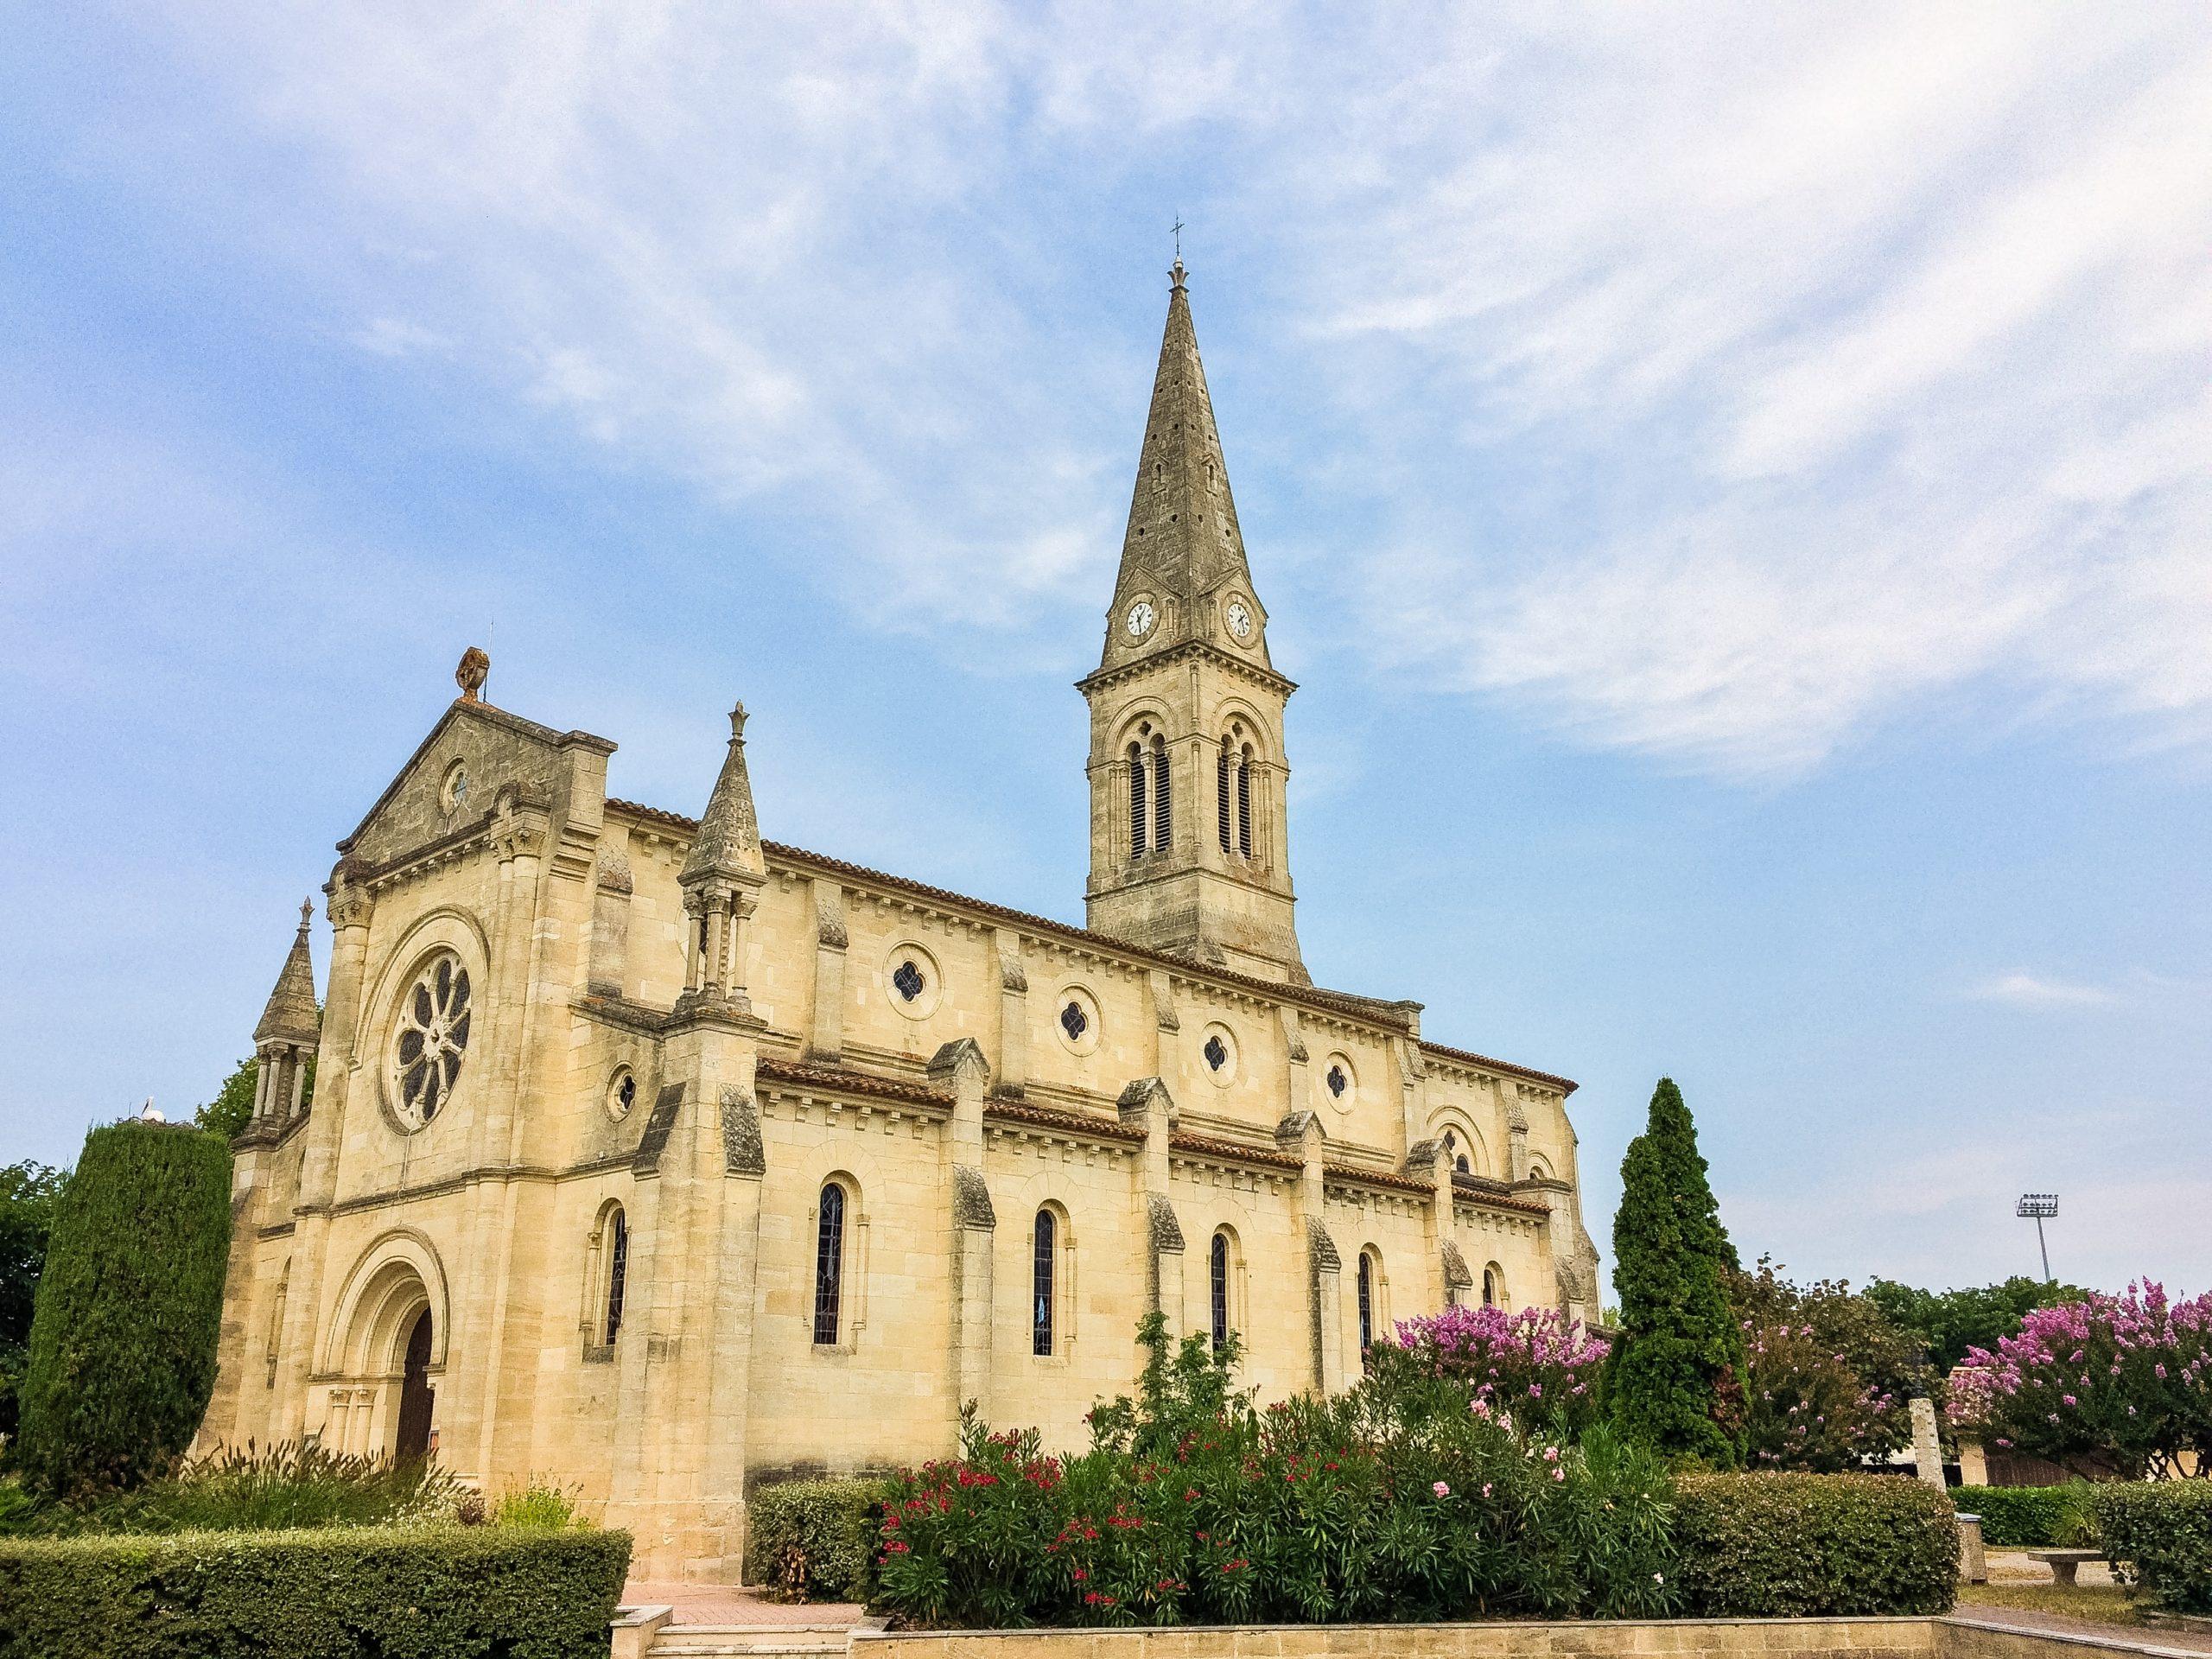 Eglise Saint-Saturnin de Braud-et-Saint-Louis Braud-et-Saint-Louis